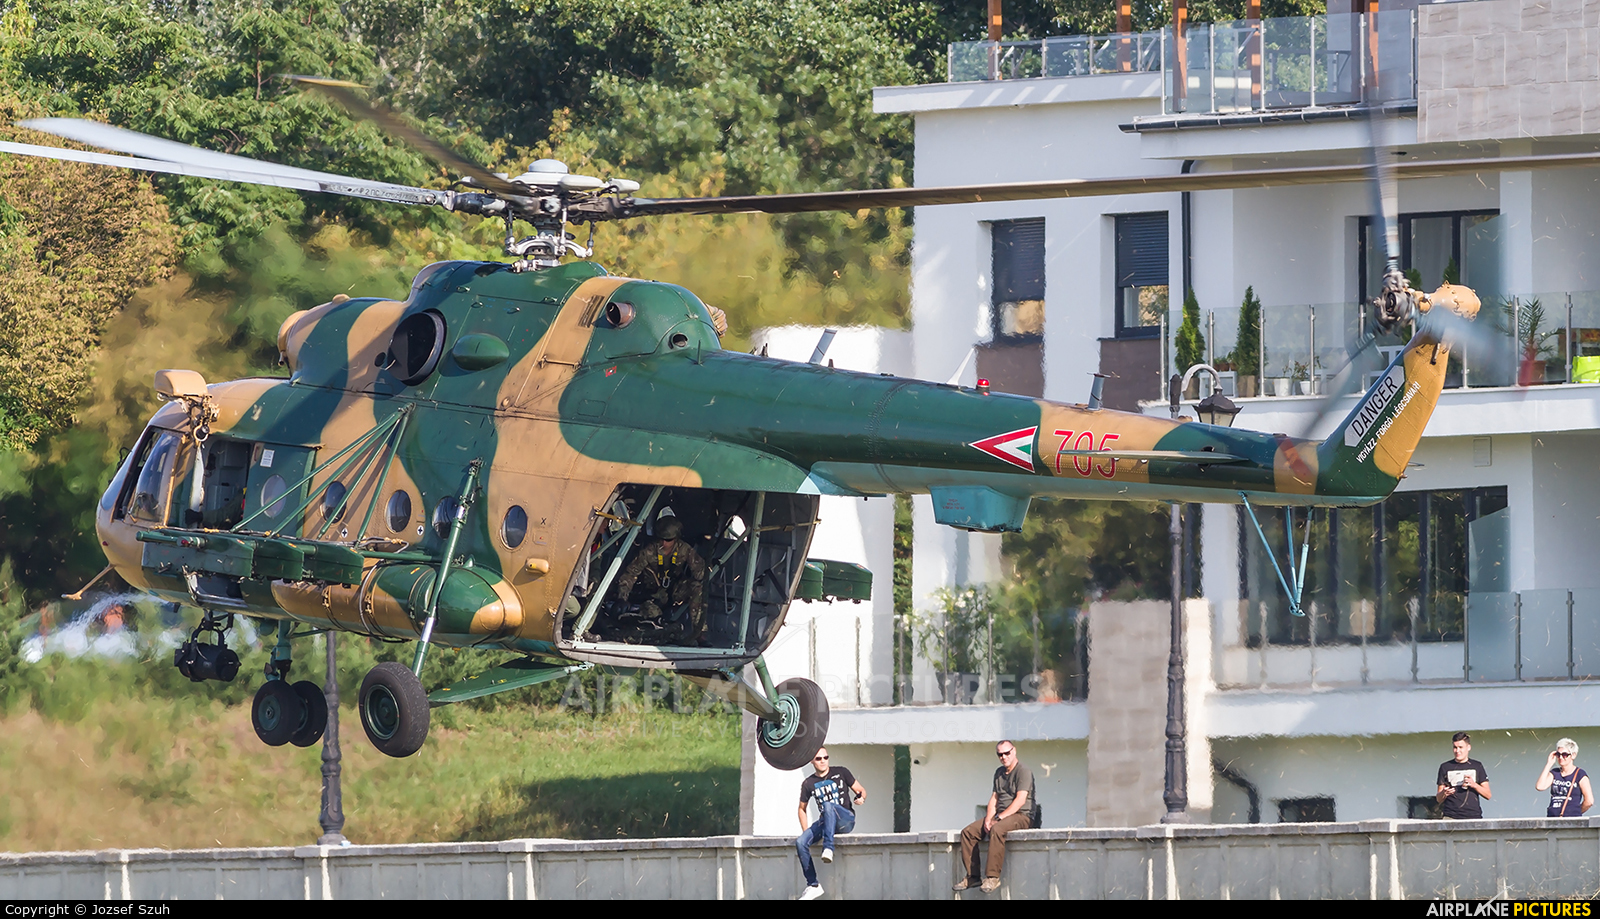 Hungary - Air Force 705 aircraft at Off Airport - Hungary